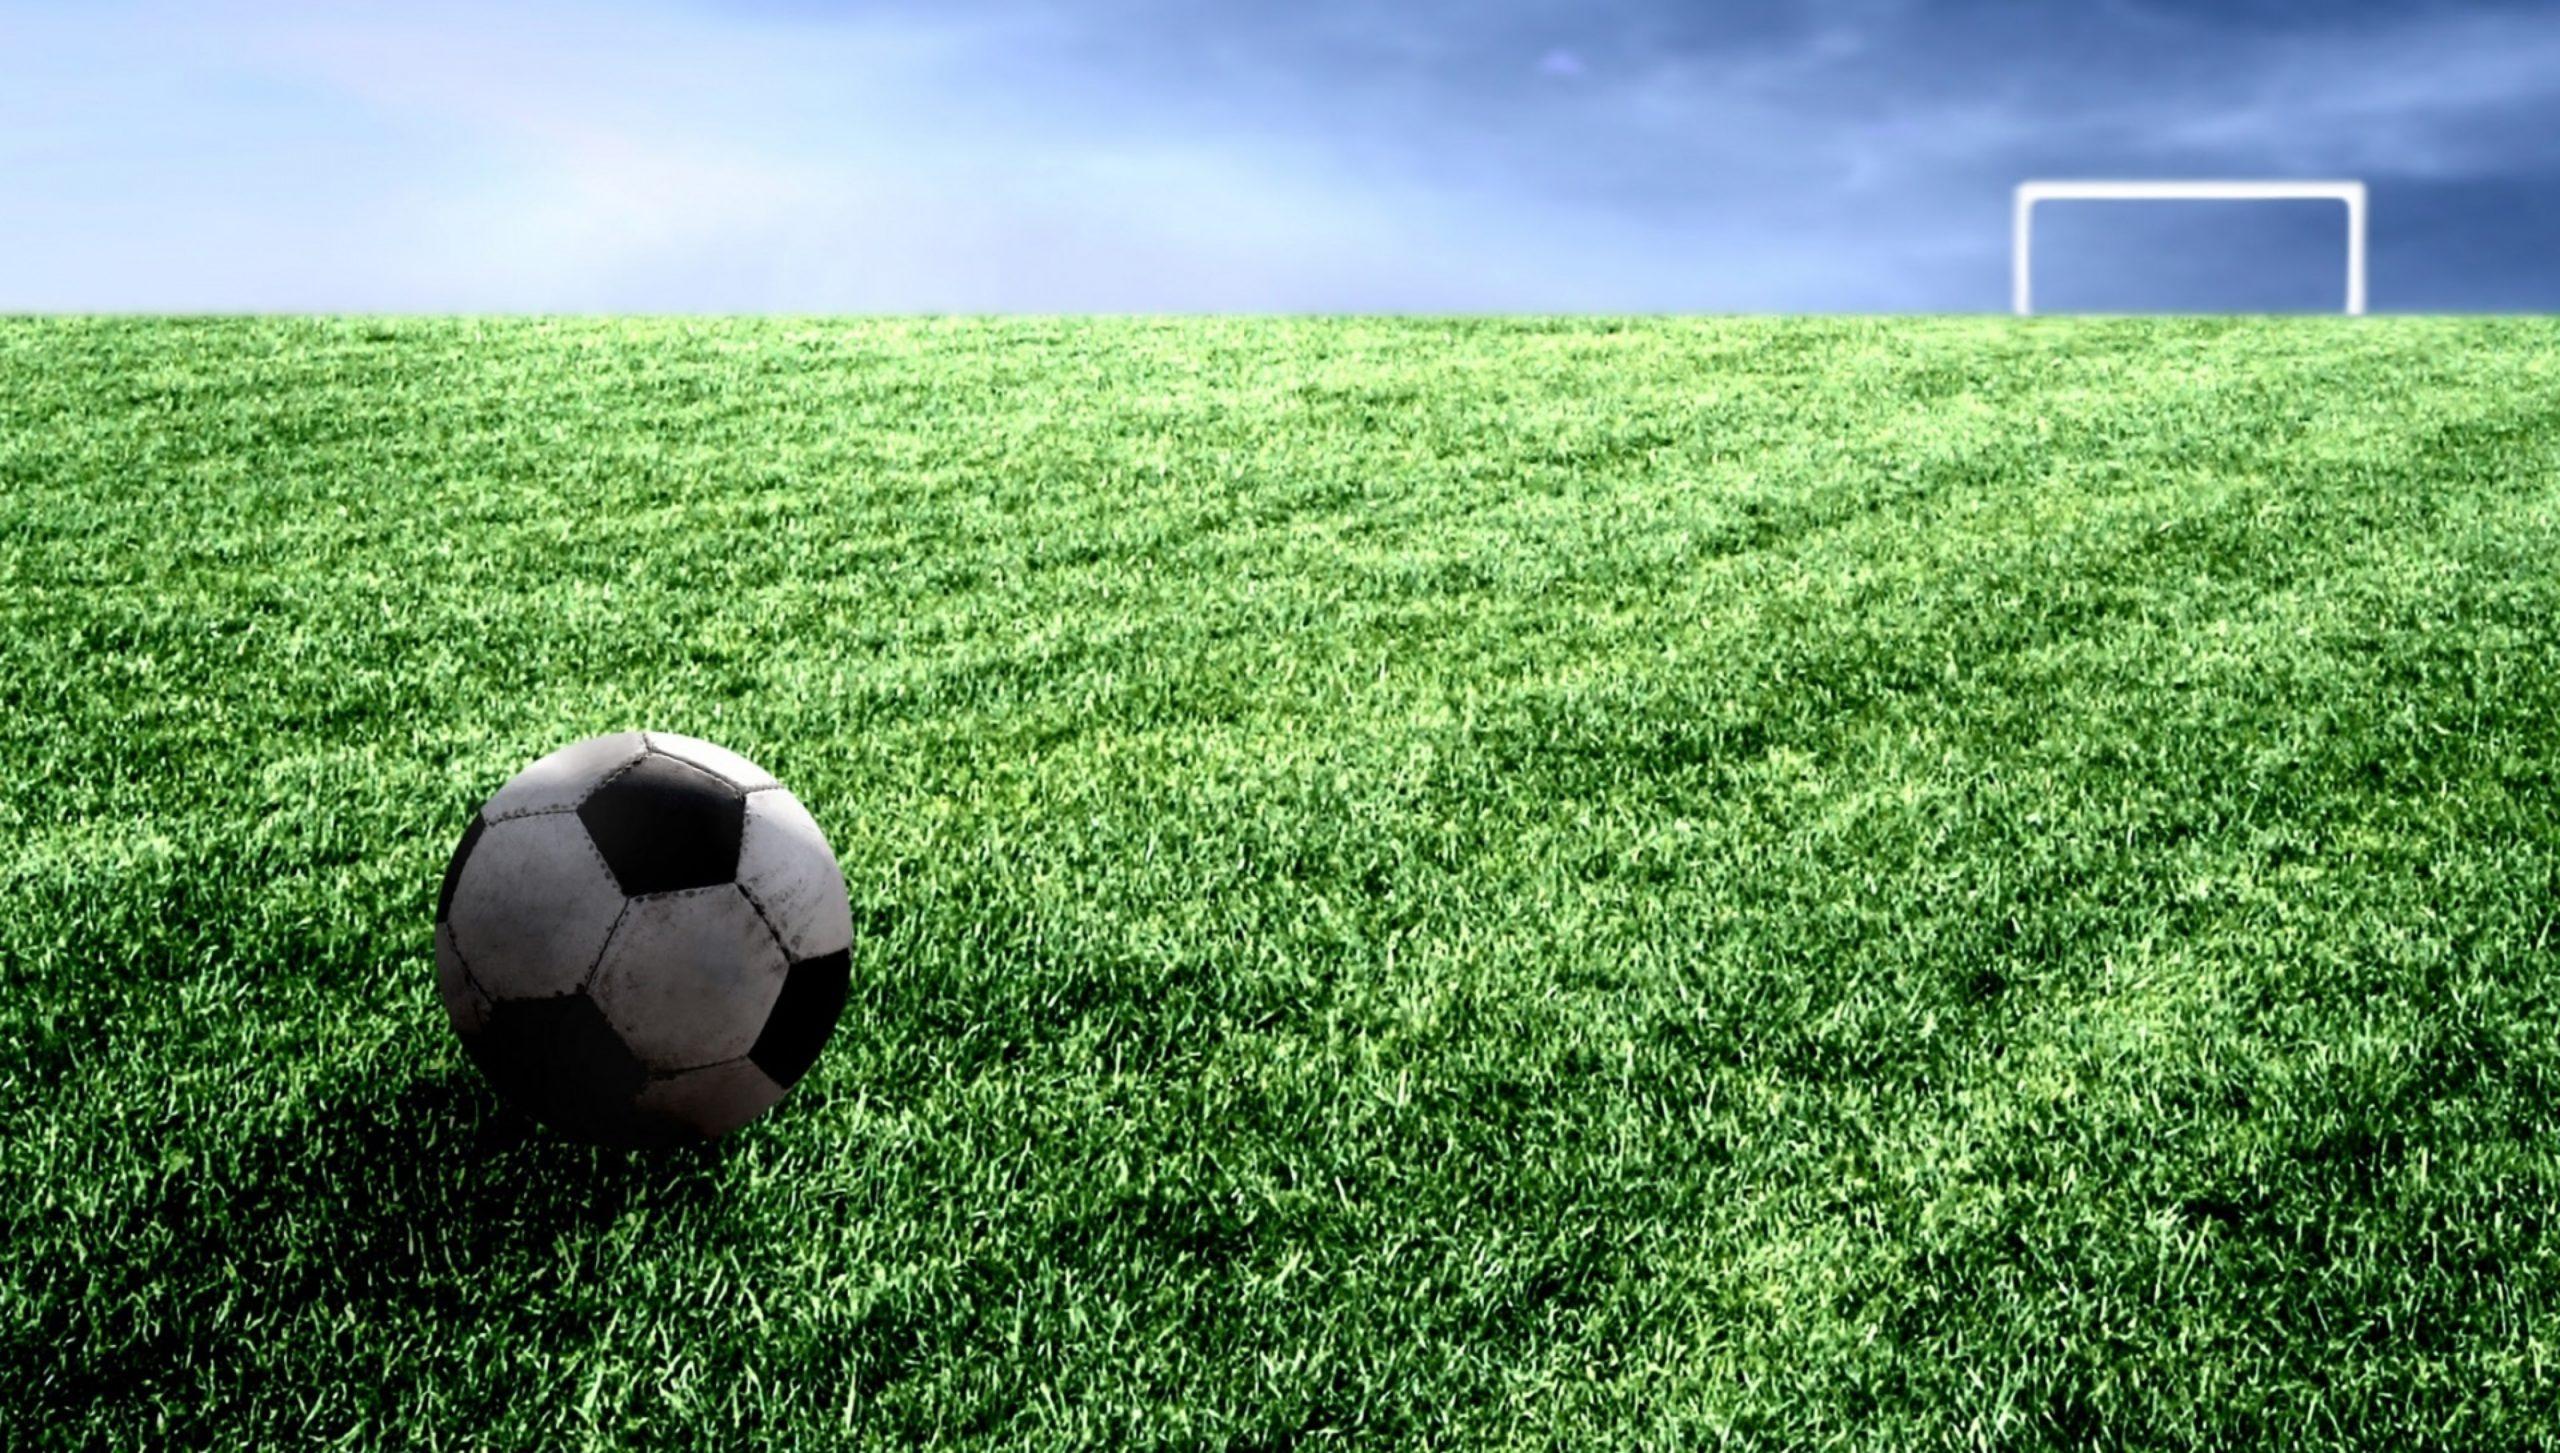 Altus Youth Soccer Club